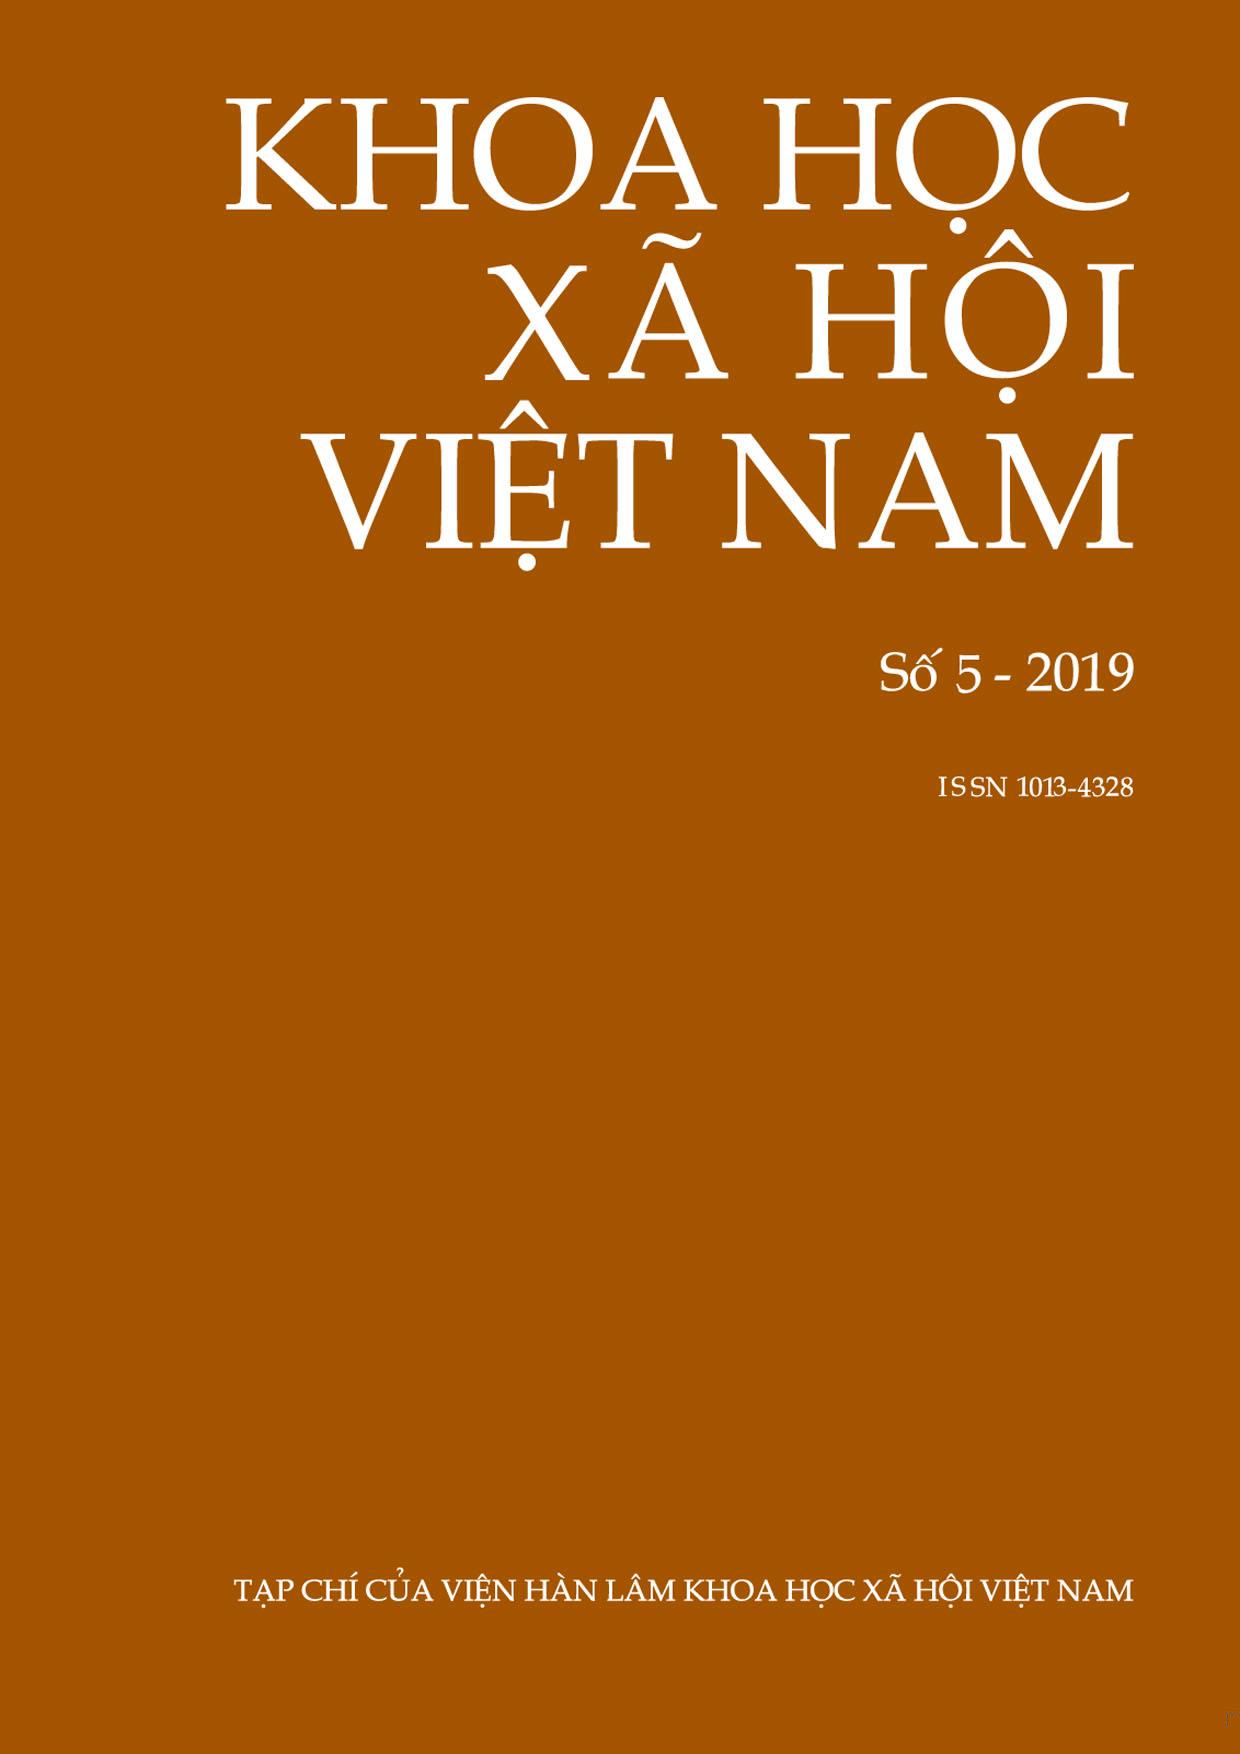 Khoa học xã hội Việt Nam. Số 5 - 2019